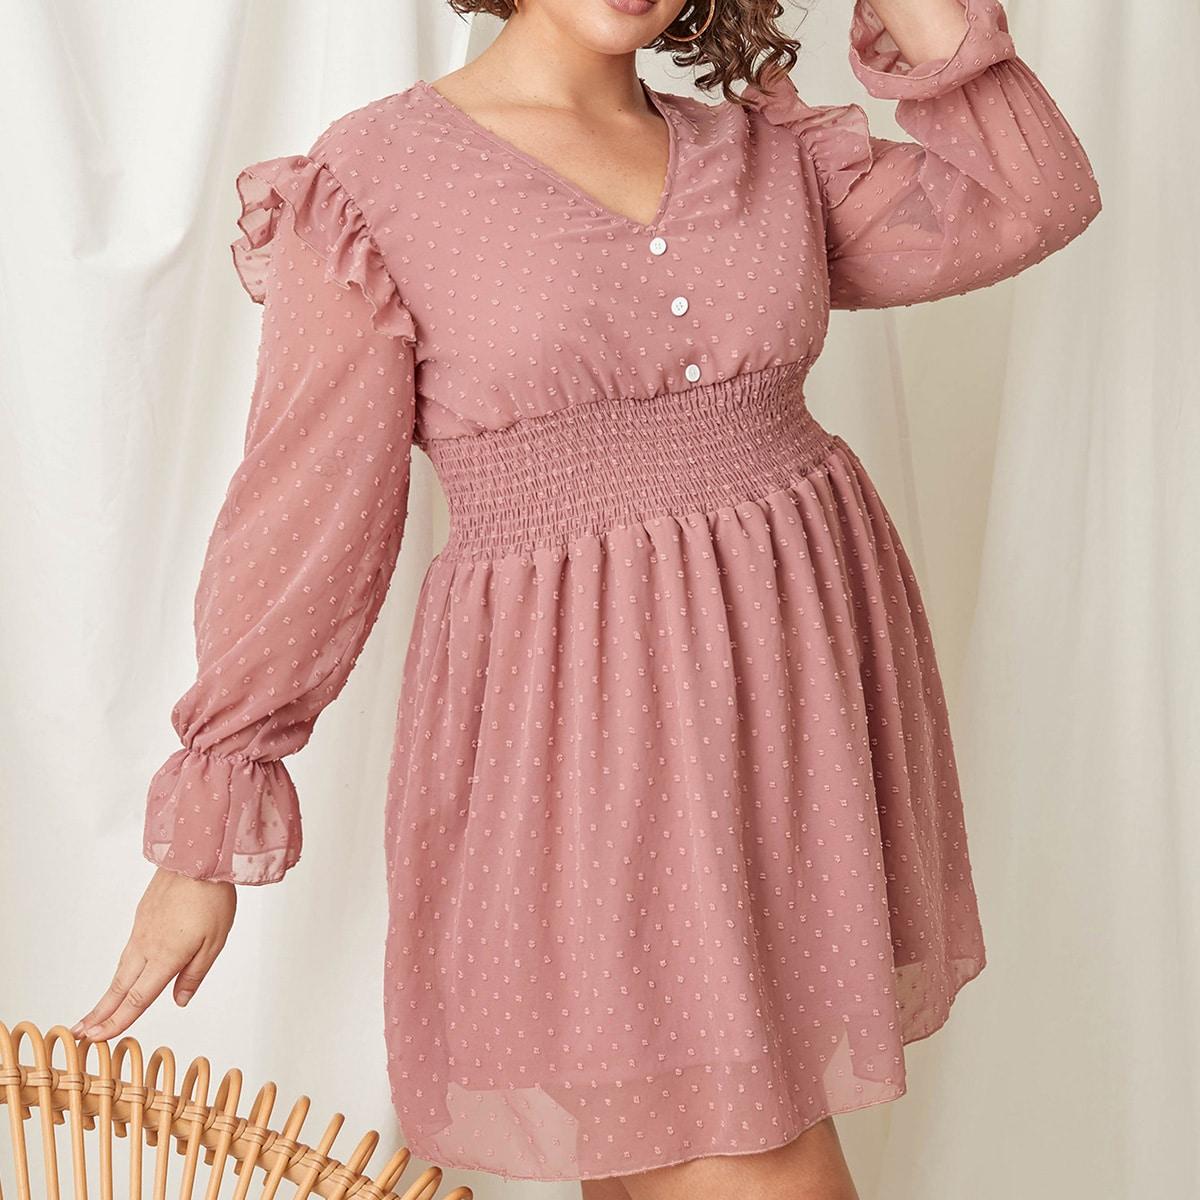 SHEIN / Kleid mit Punkten Muster, Rüschenbesatz und geraffter Taille